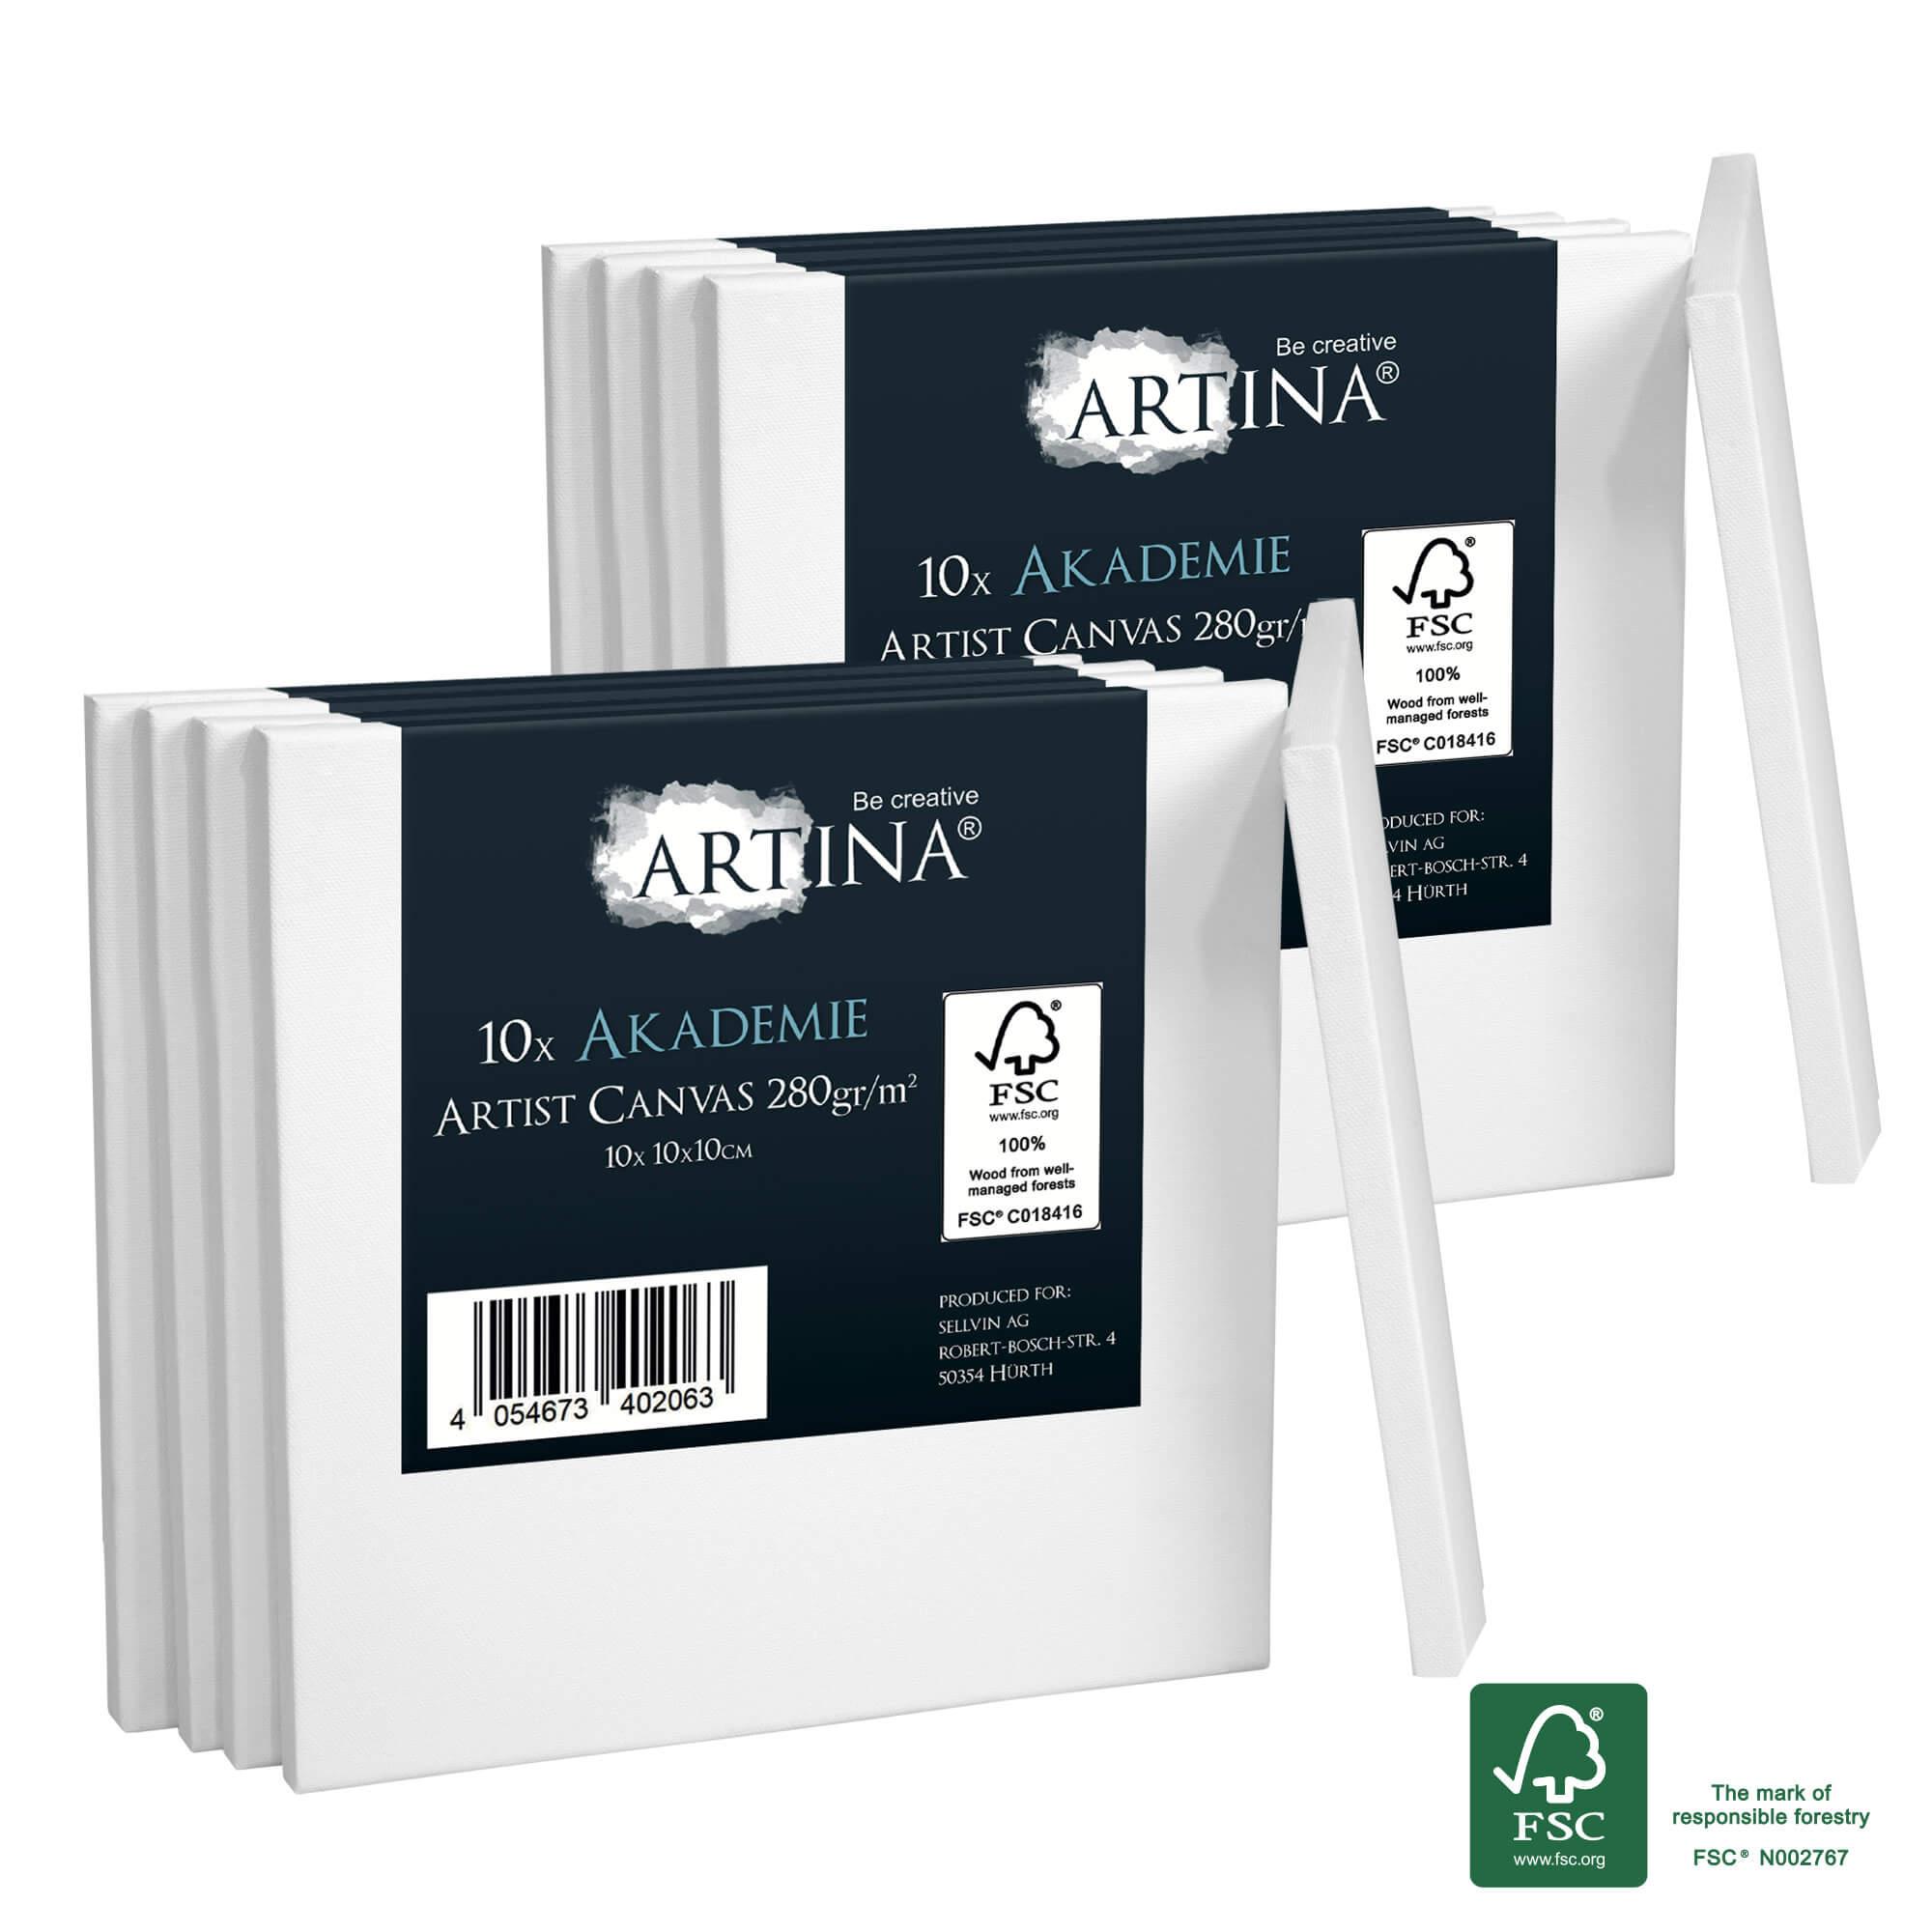 10er Set 10x10cm Artina Akademie Keilrahmen FSC®-zertifiziert